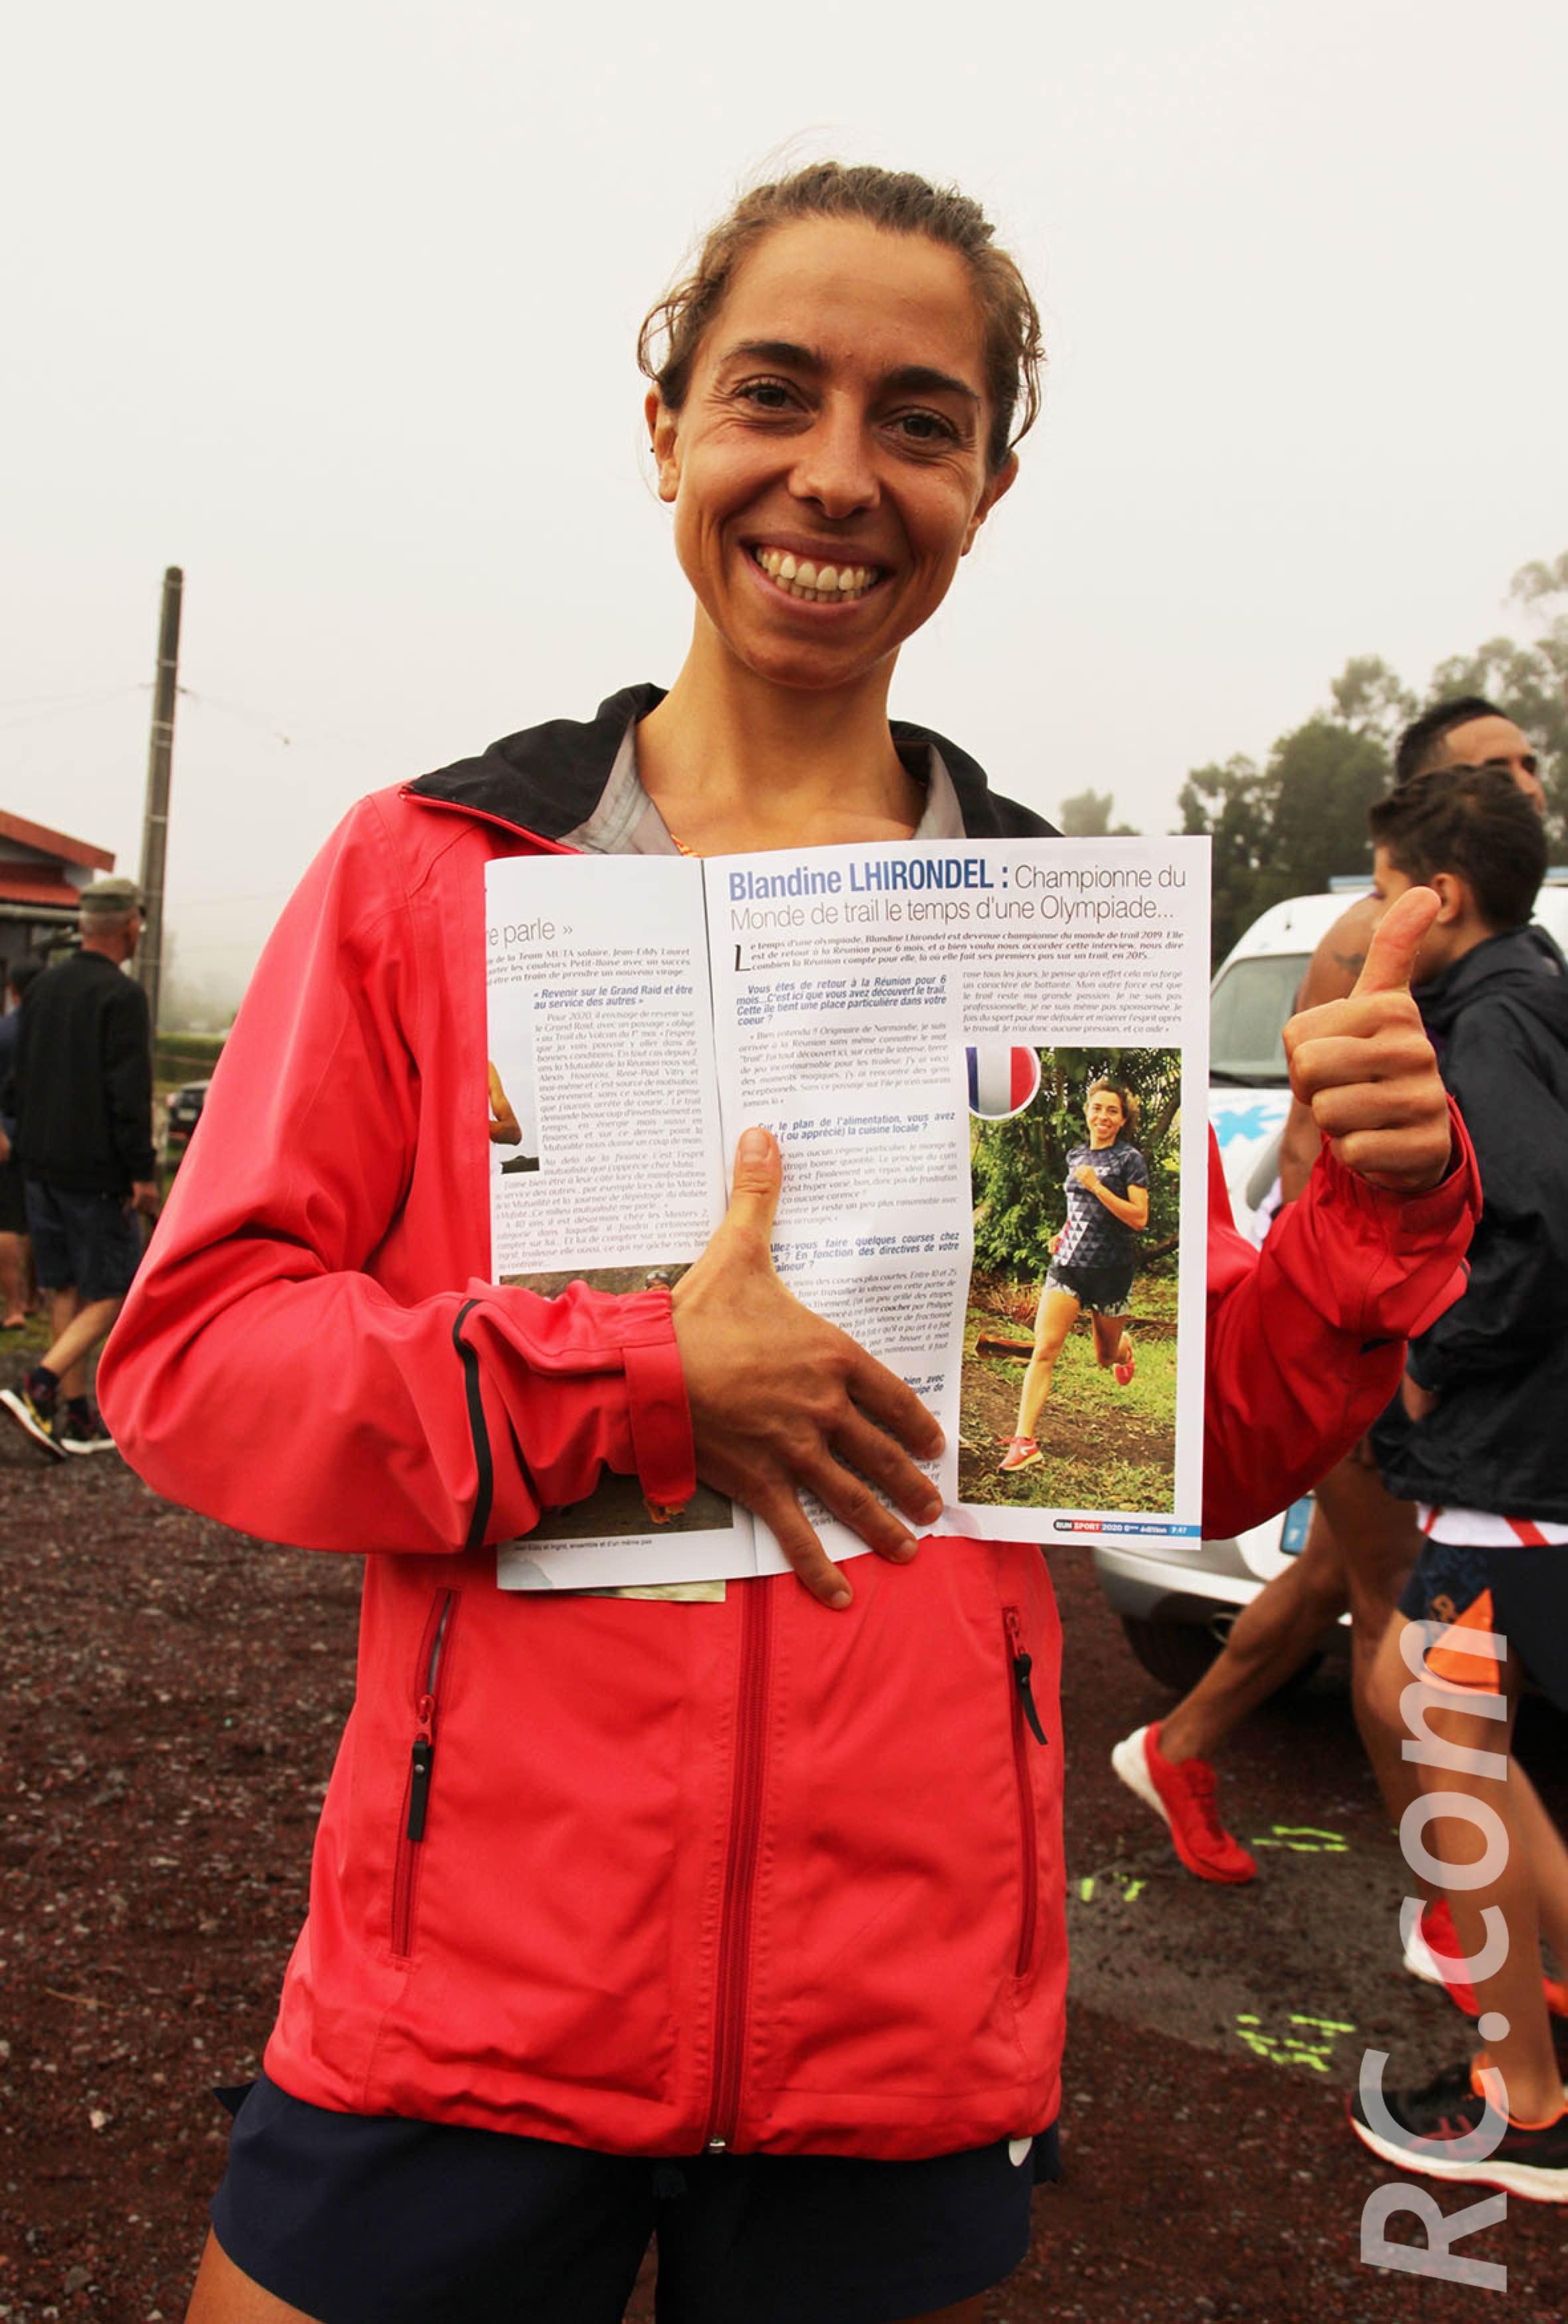 La championne du monde de trail, Blandine Lhirondel est rentrée en métropole avec un Run-Sport entre les mains